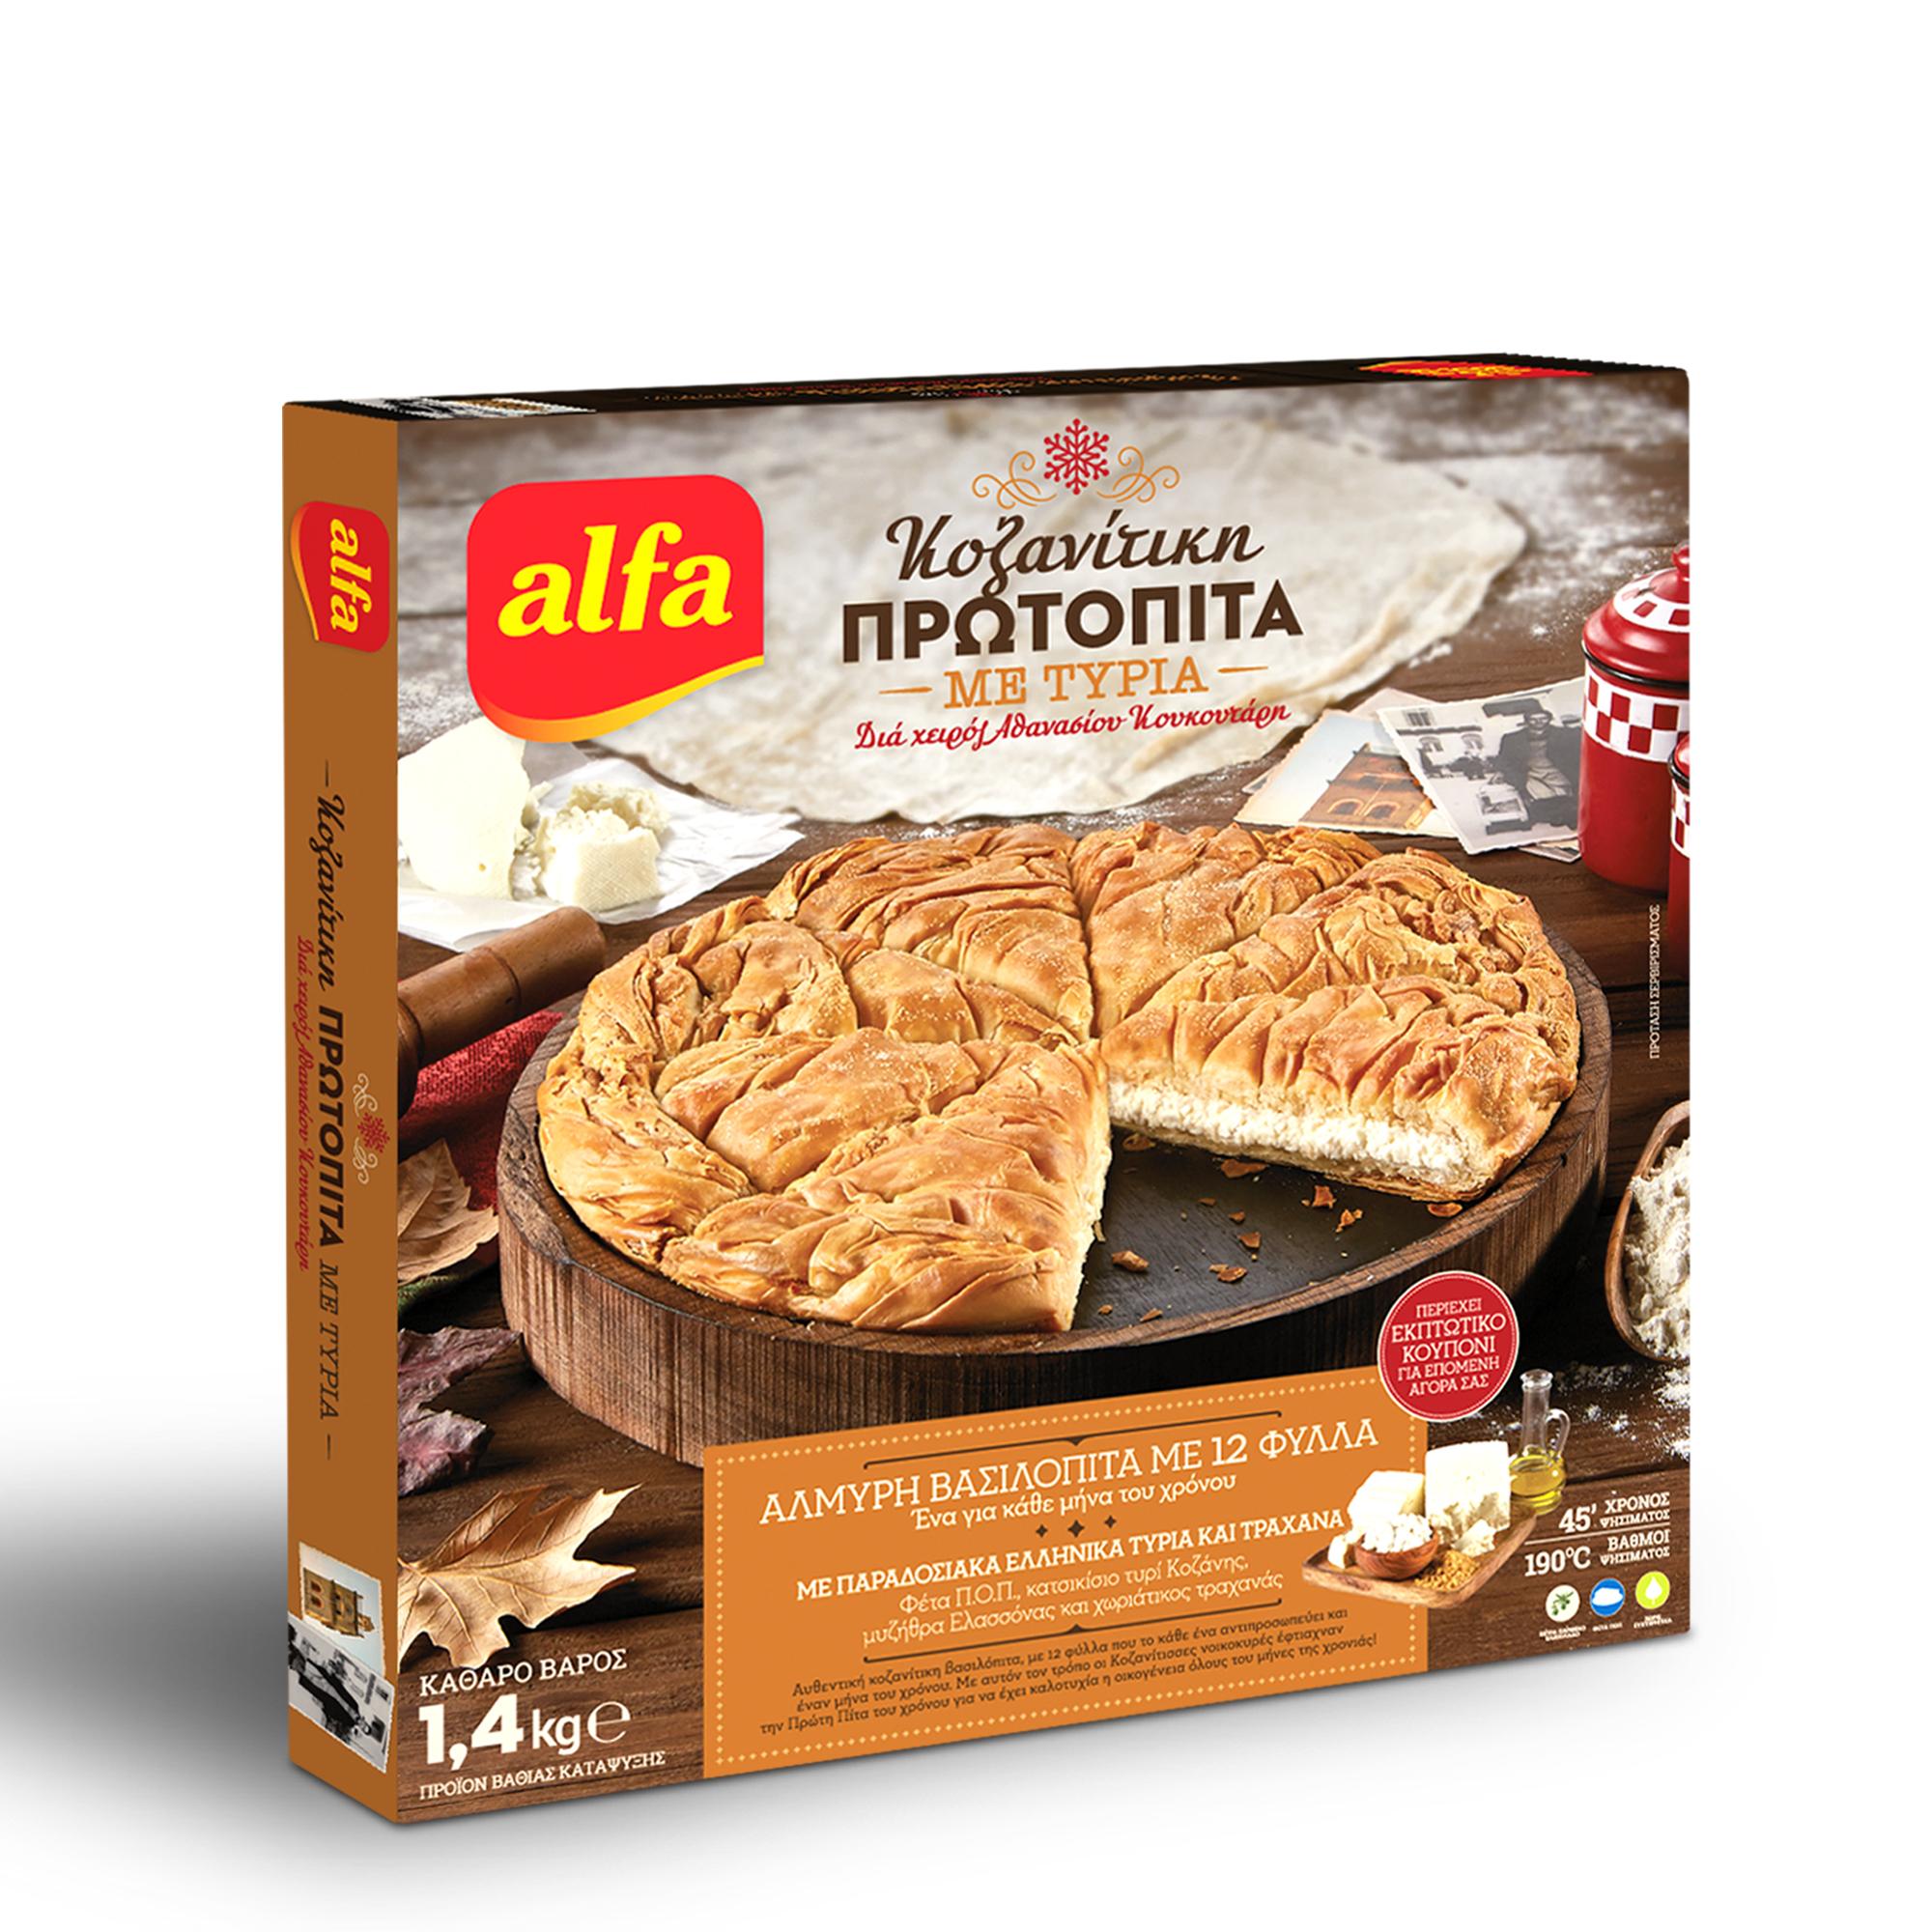 Κοζανίτικη Πρωτόπιτα με Τυριά Alfa (1,4Kg)